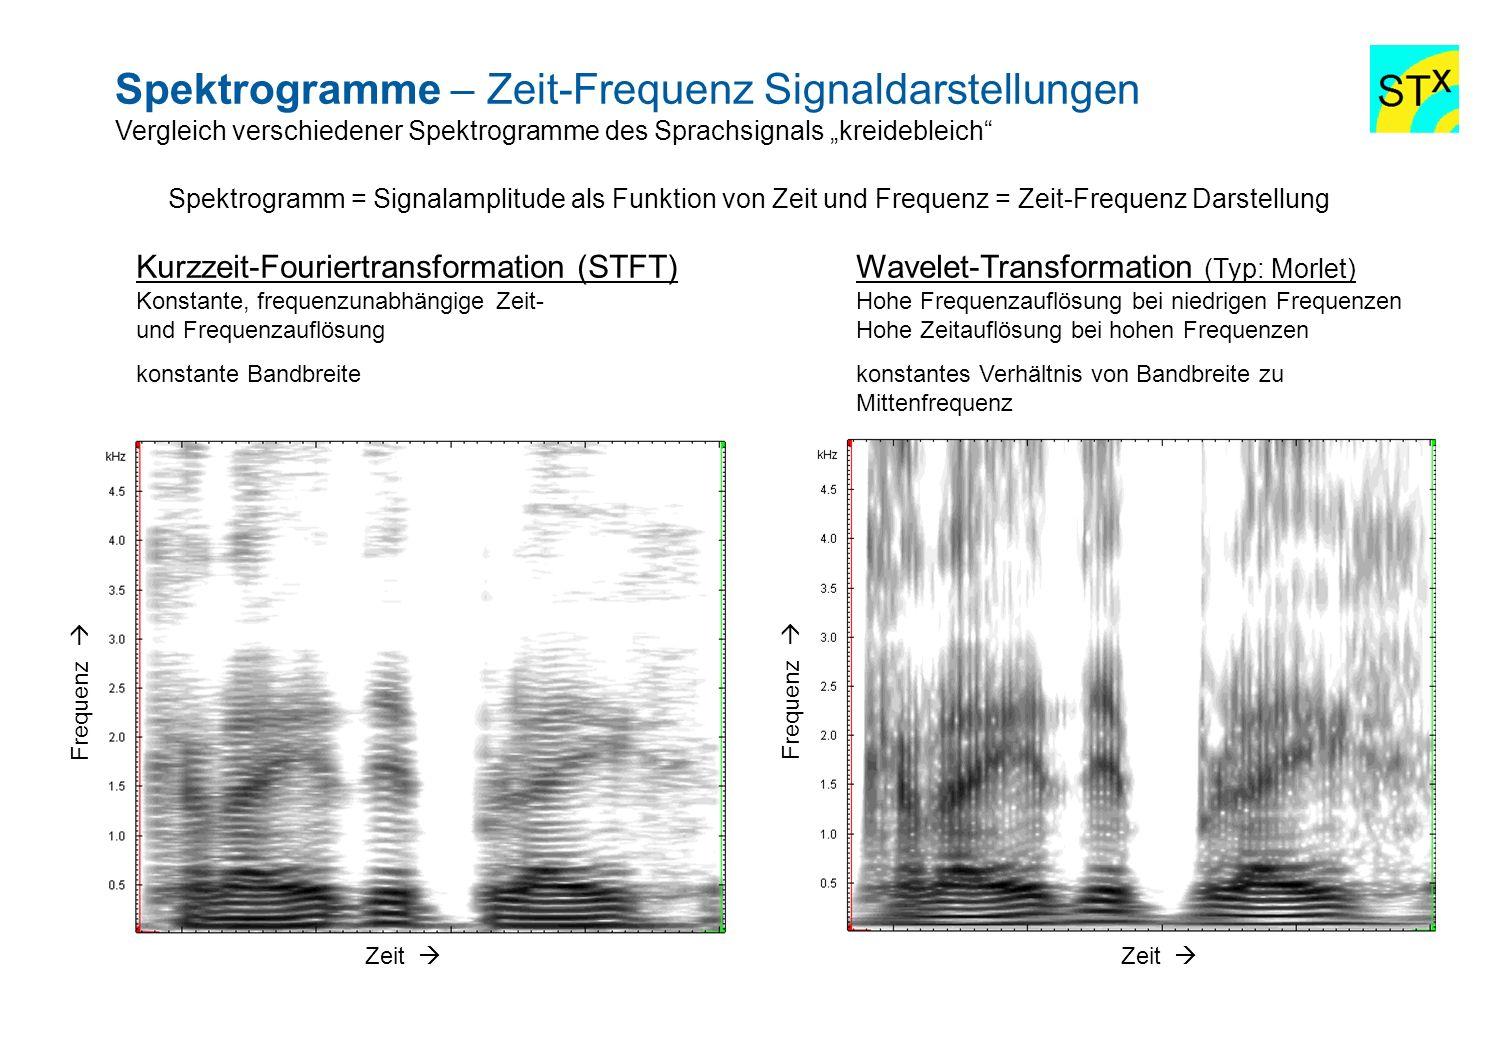 Spektrogramme – Zeit-Frequenz Signaldarstellungen